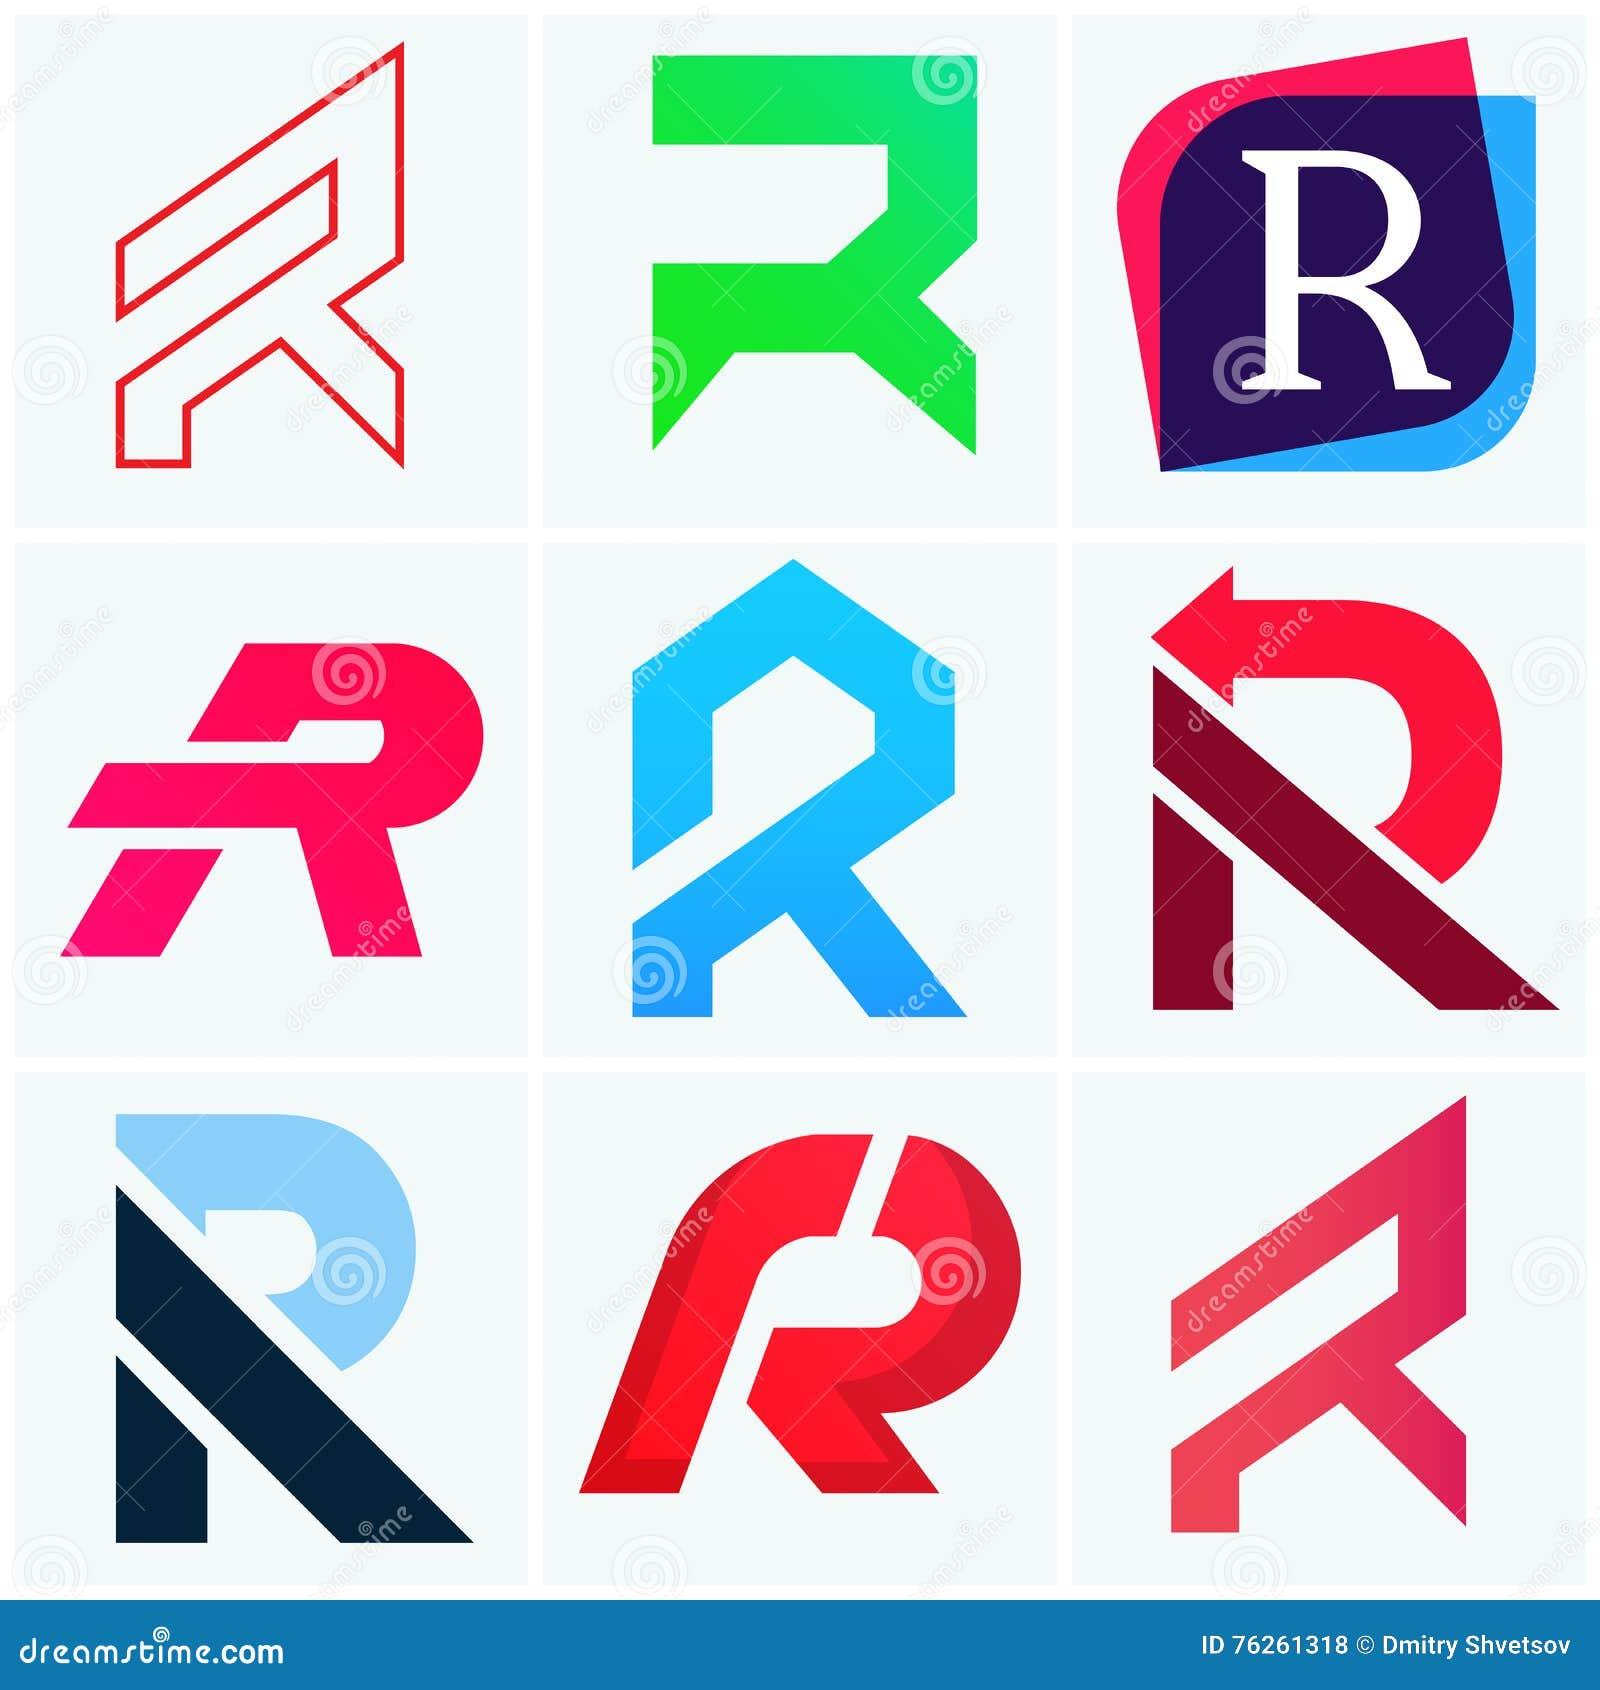 Free Letter Based Logo Maker  Vector Template Design